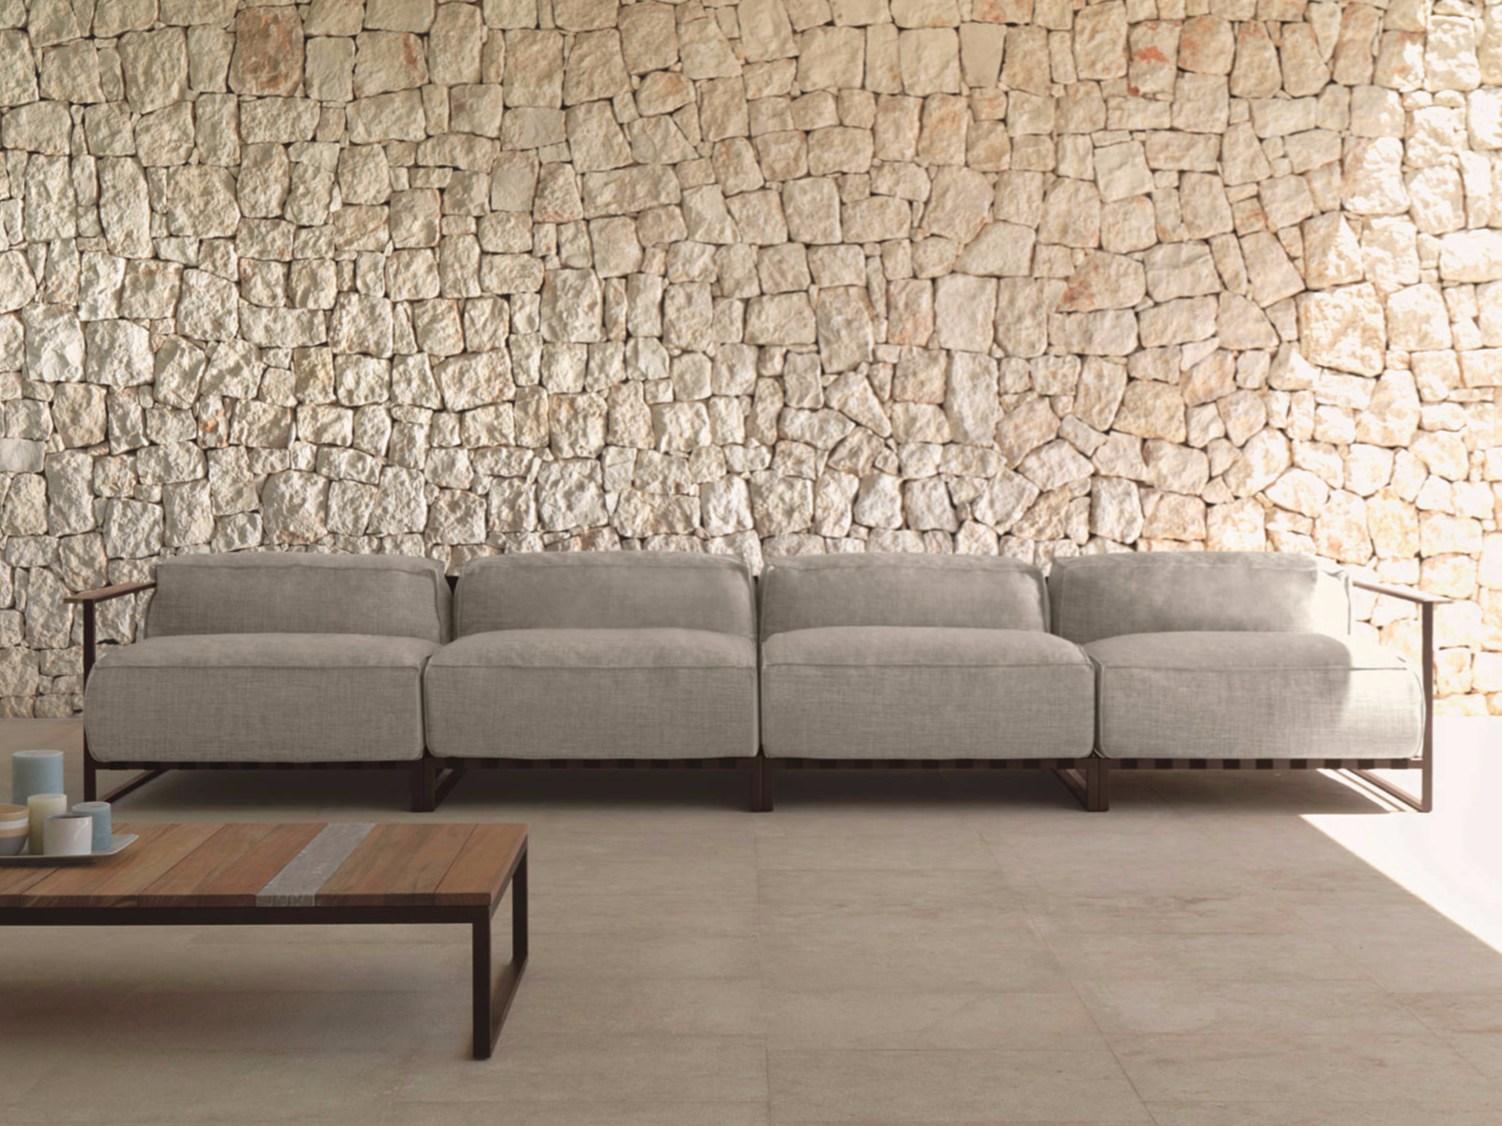 CASILDA-Sofa-Talenti-267646-relf96ce046.jpg